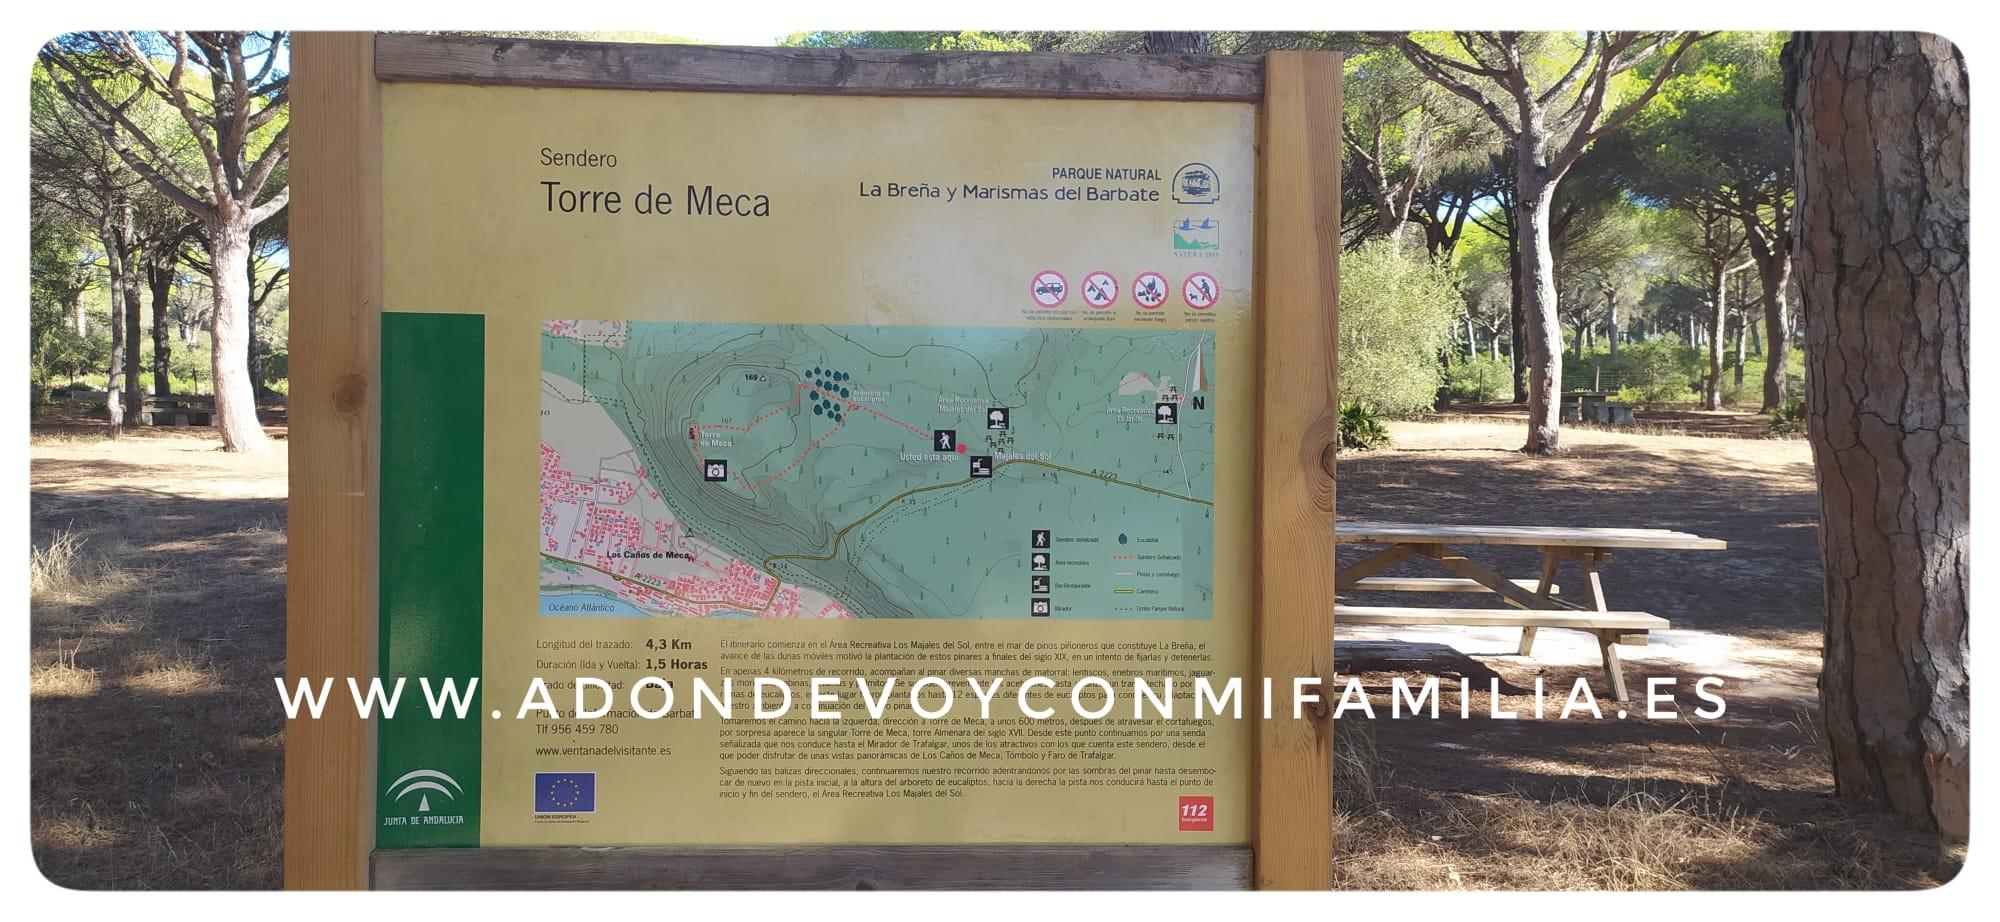 SENDERO TORRE DE MECA  Parque Natural Las Breñas y Marismas de Barbate